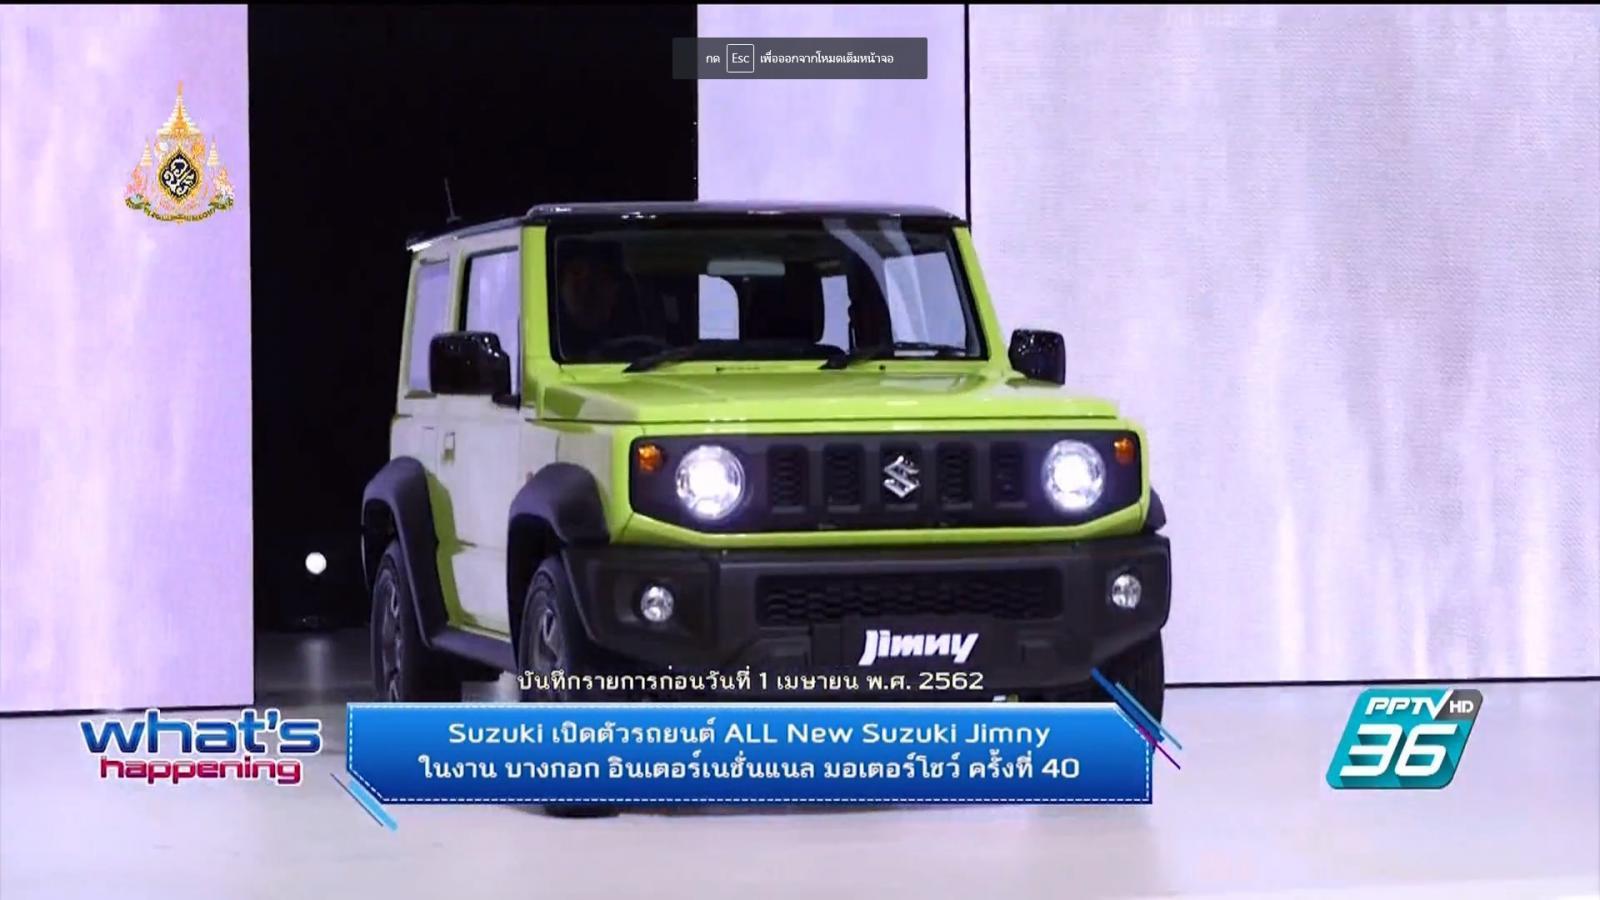 Suzuki เปิดตัวรถยนต์ All New Suzuki Jimny ที่งานบางกอก อินเตอร์เนชั่นแนล มอเตอร์  ครั้งที่ 40